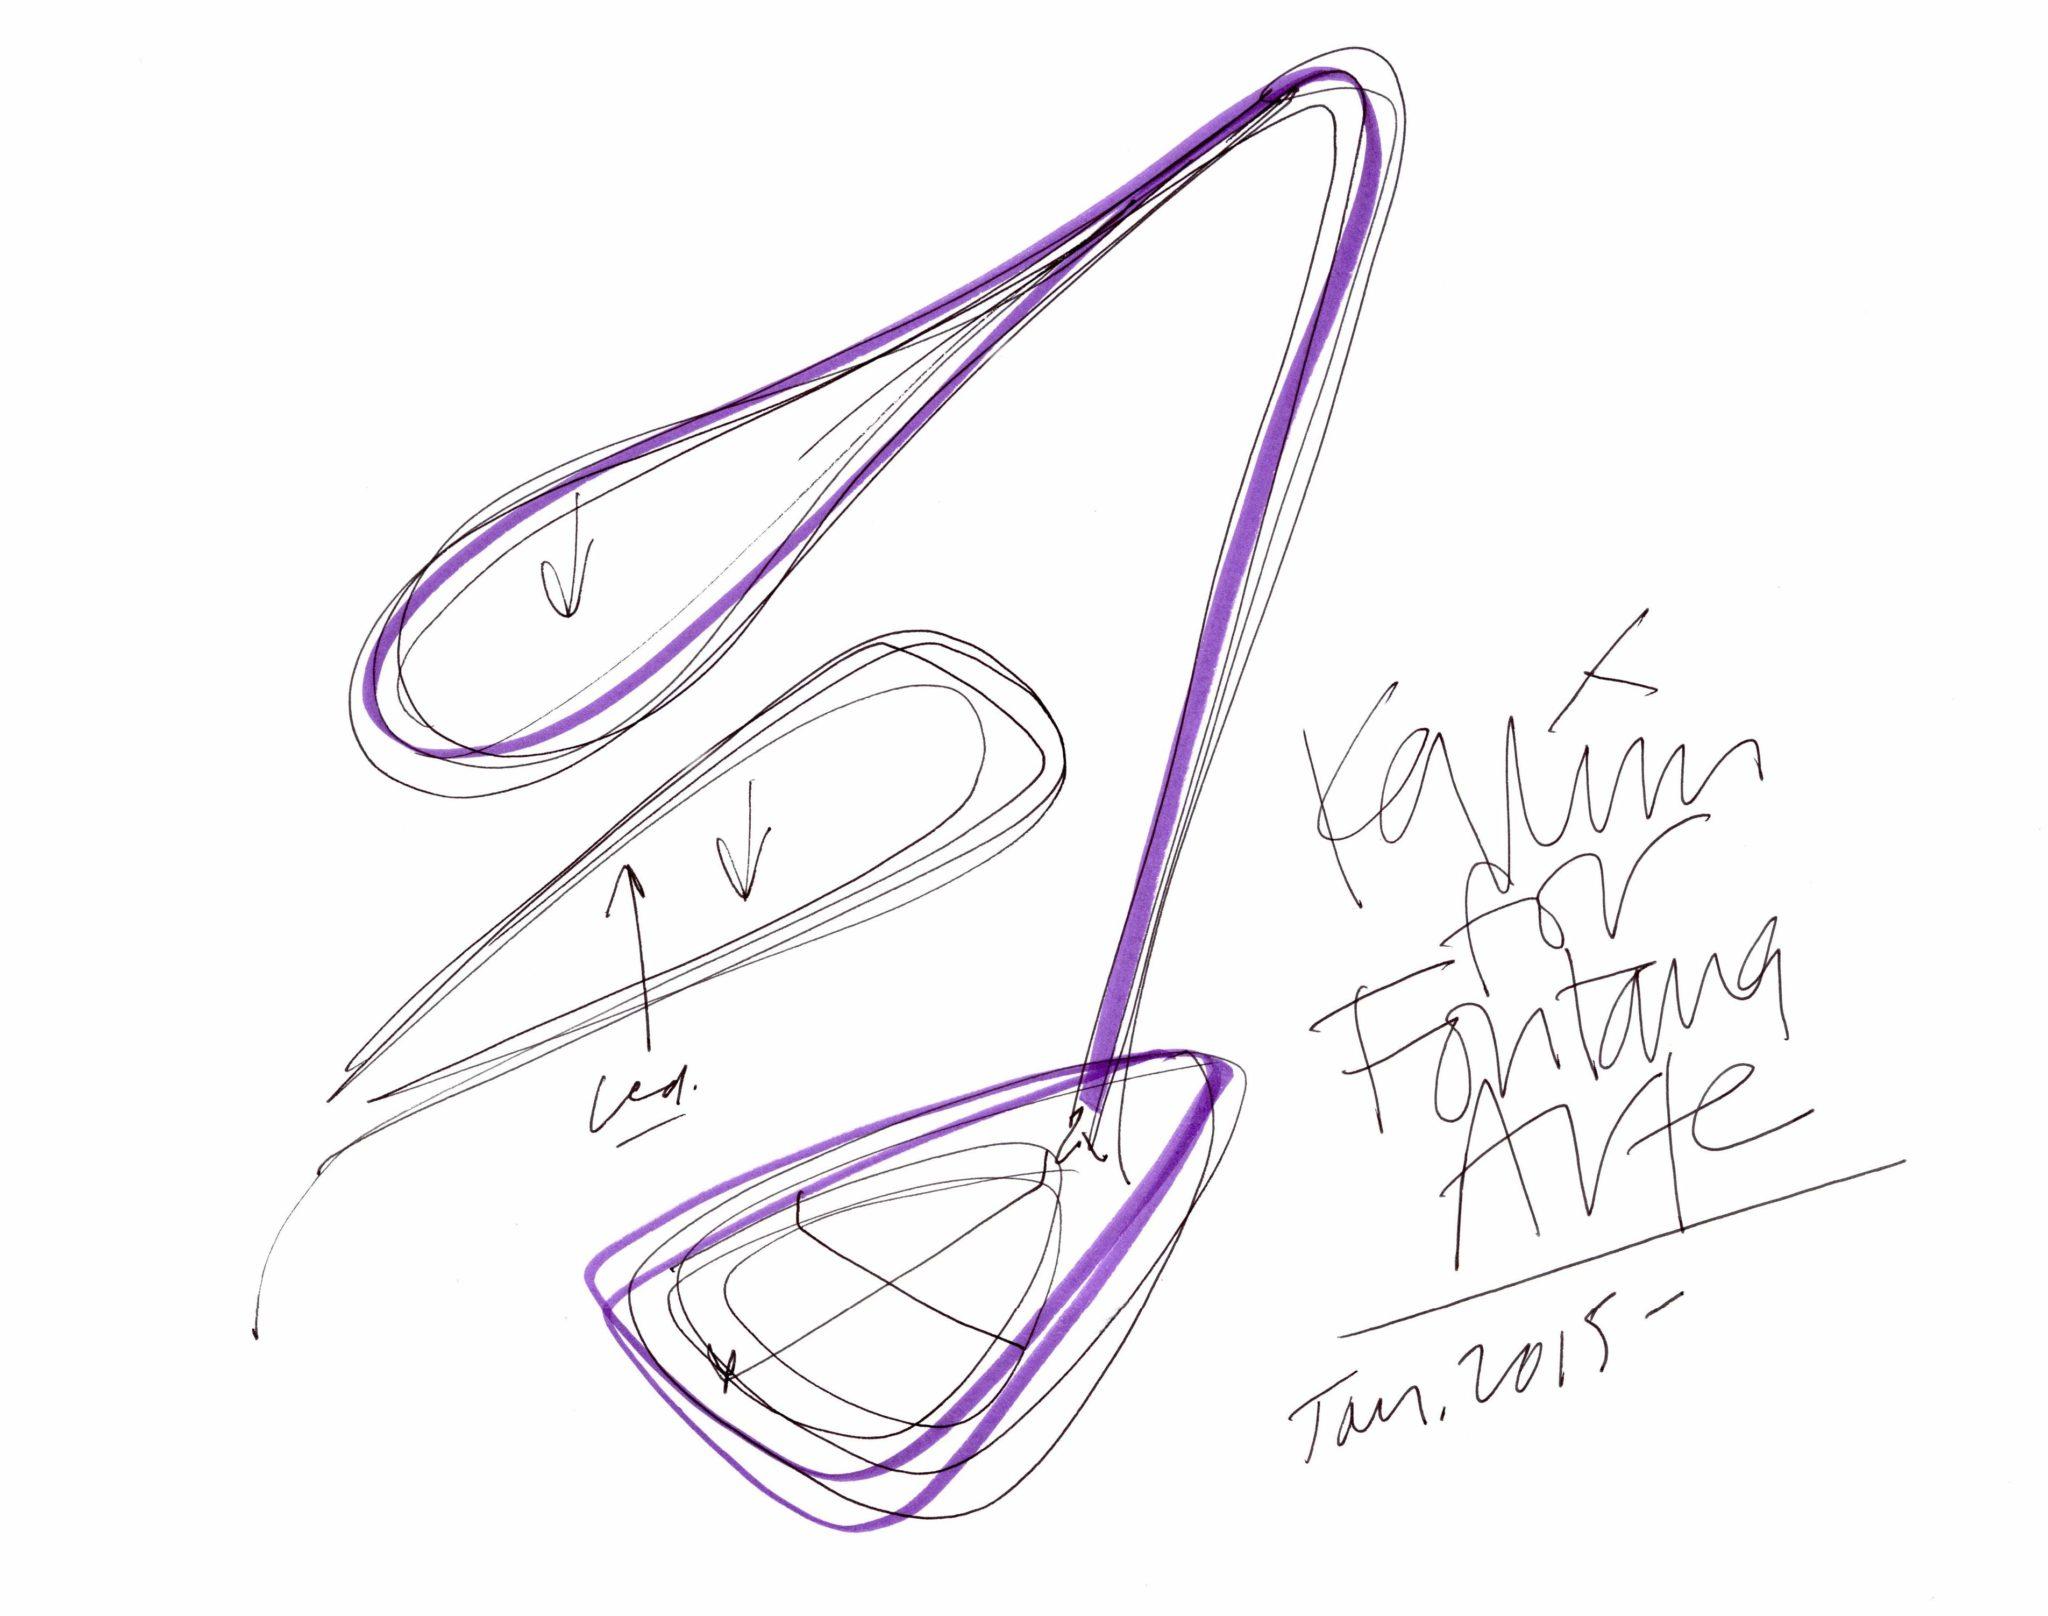 Fontana_Arte_Karim Sketch_2